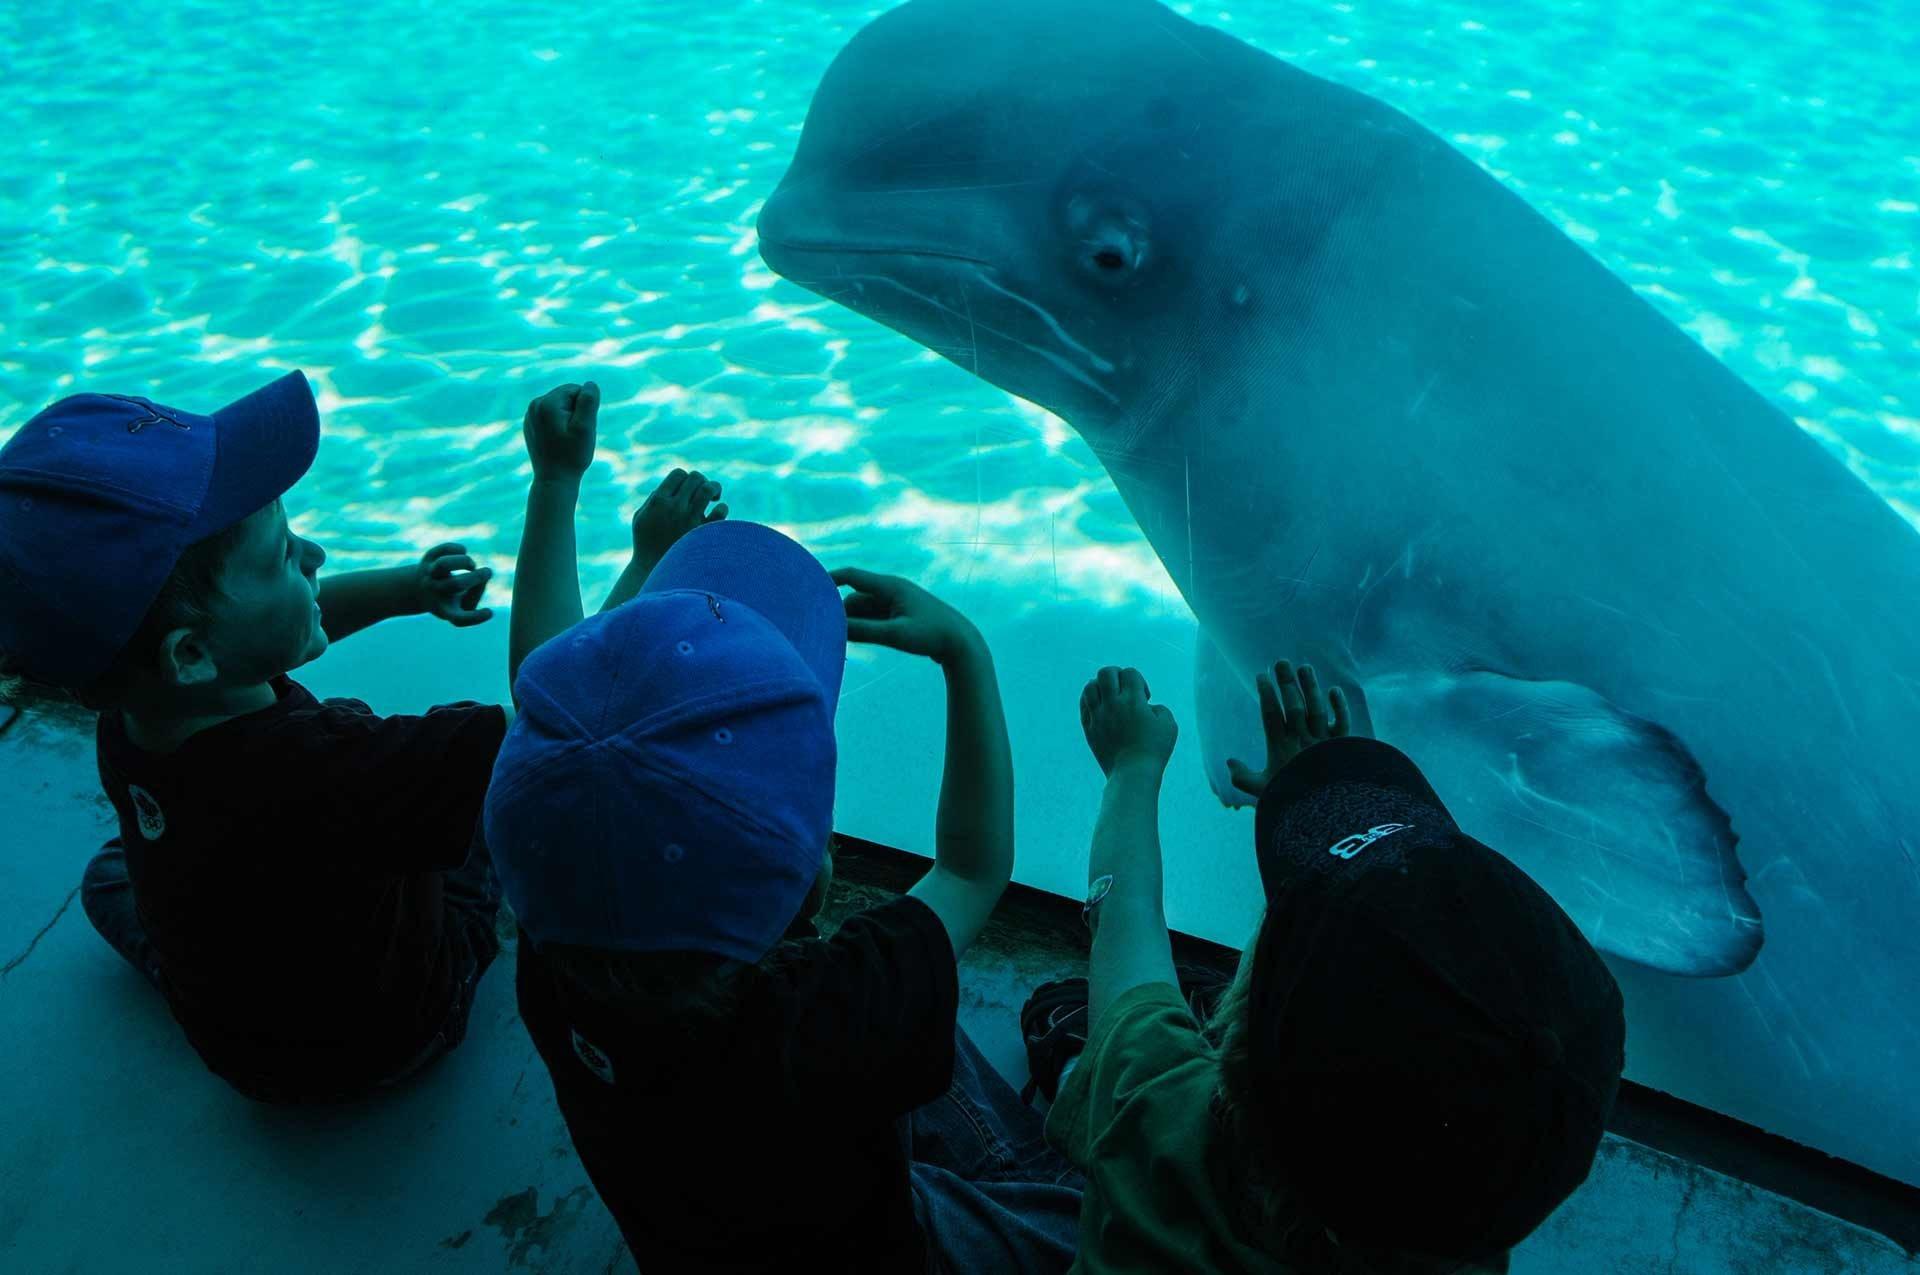 jmc 5309 1920x1275.jpg?resize=1200,630 - [Photos] Cette photographe a visité les zoos du monde entier